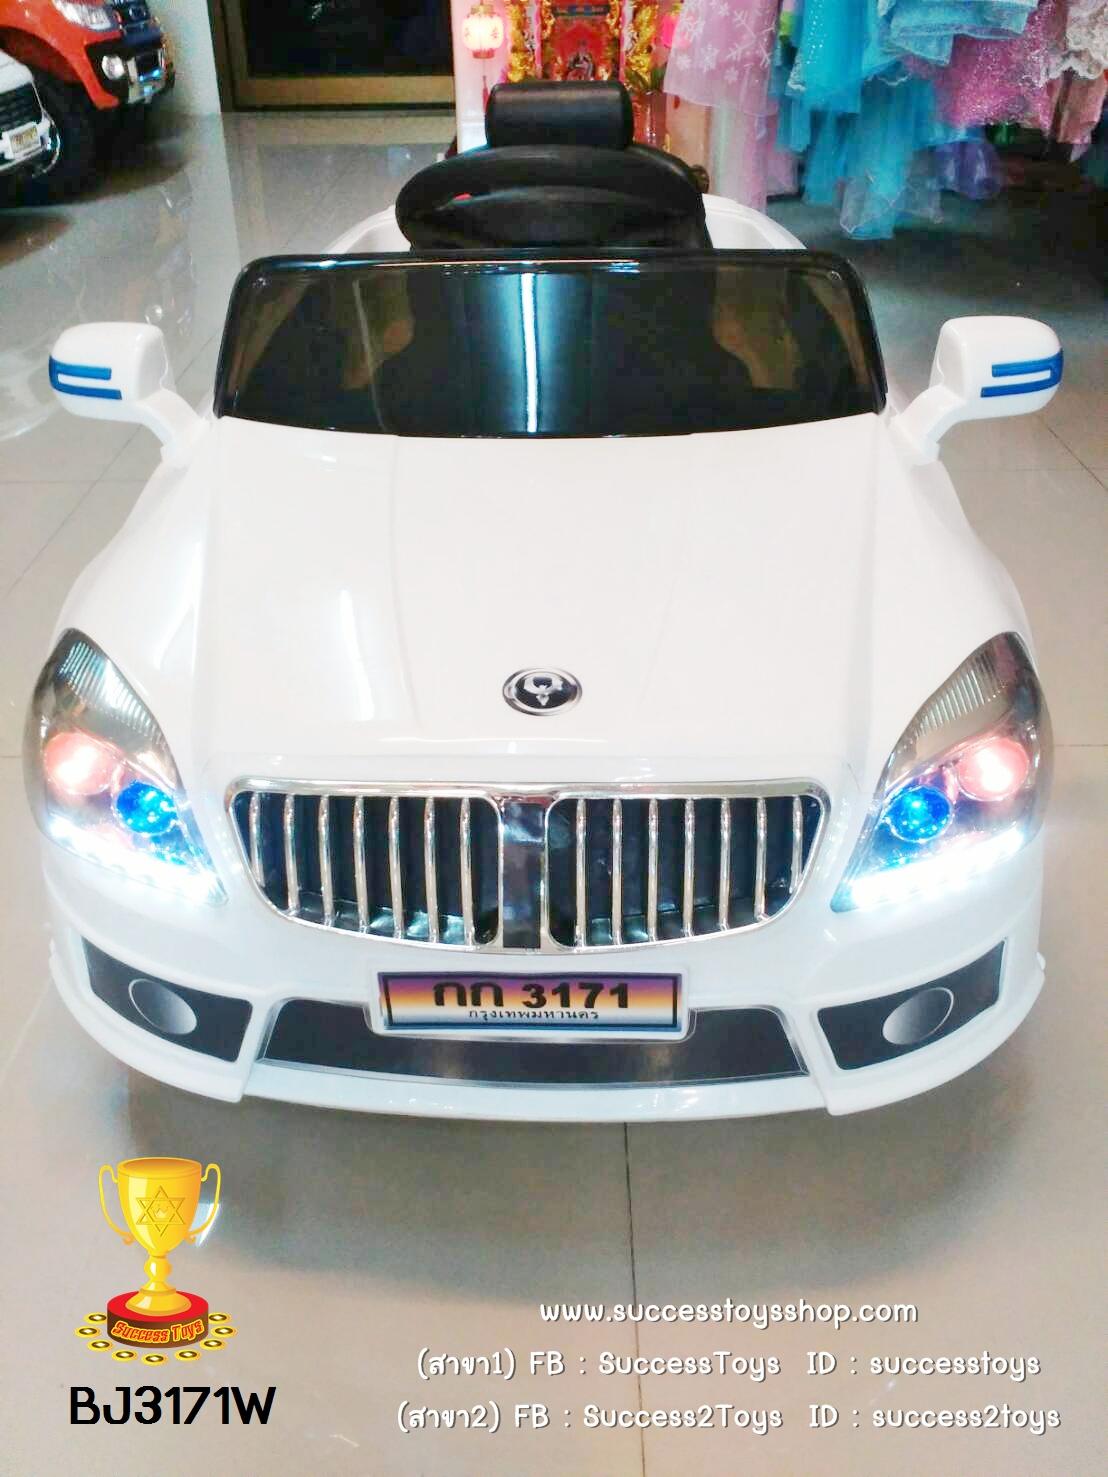 BJ3171W รถแบตเตอรี่เด็กนั่งไฟฟ้า ยี่ห้อ BMW (2มอเตอร์) สีขาว